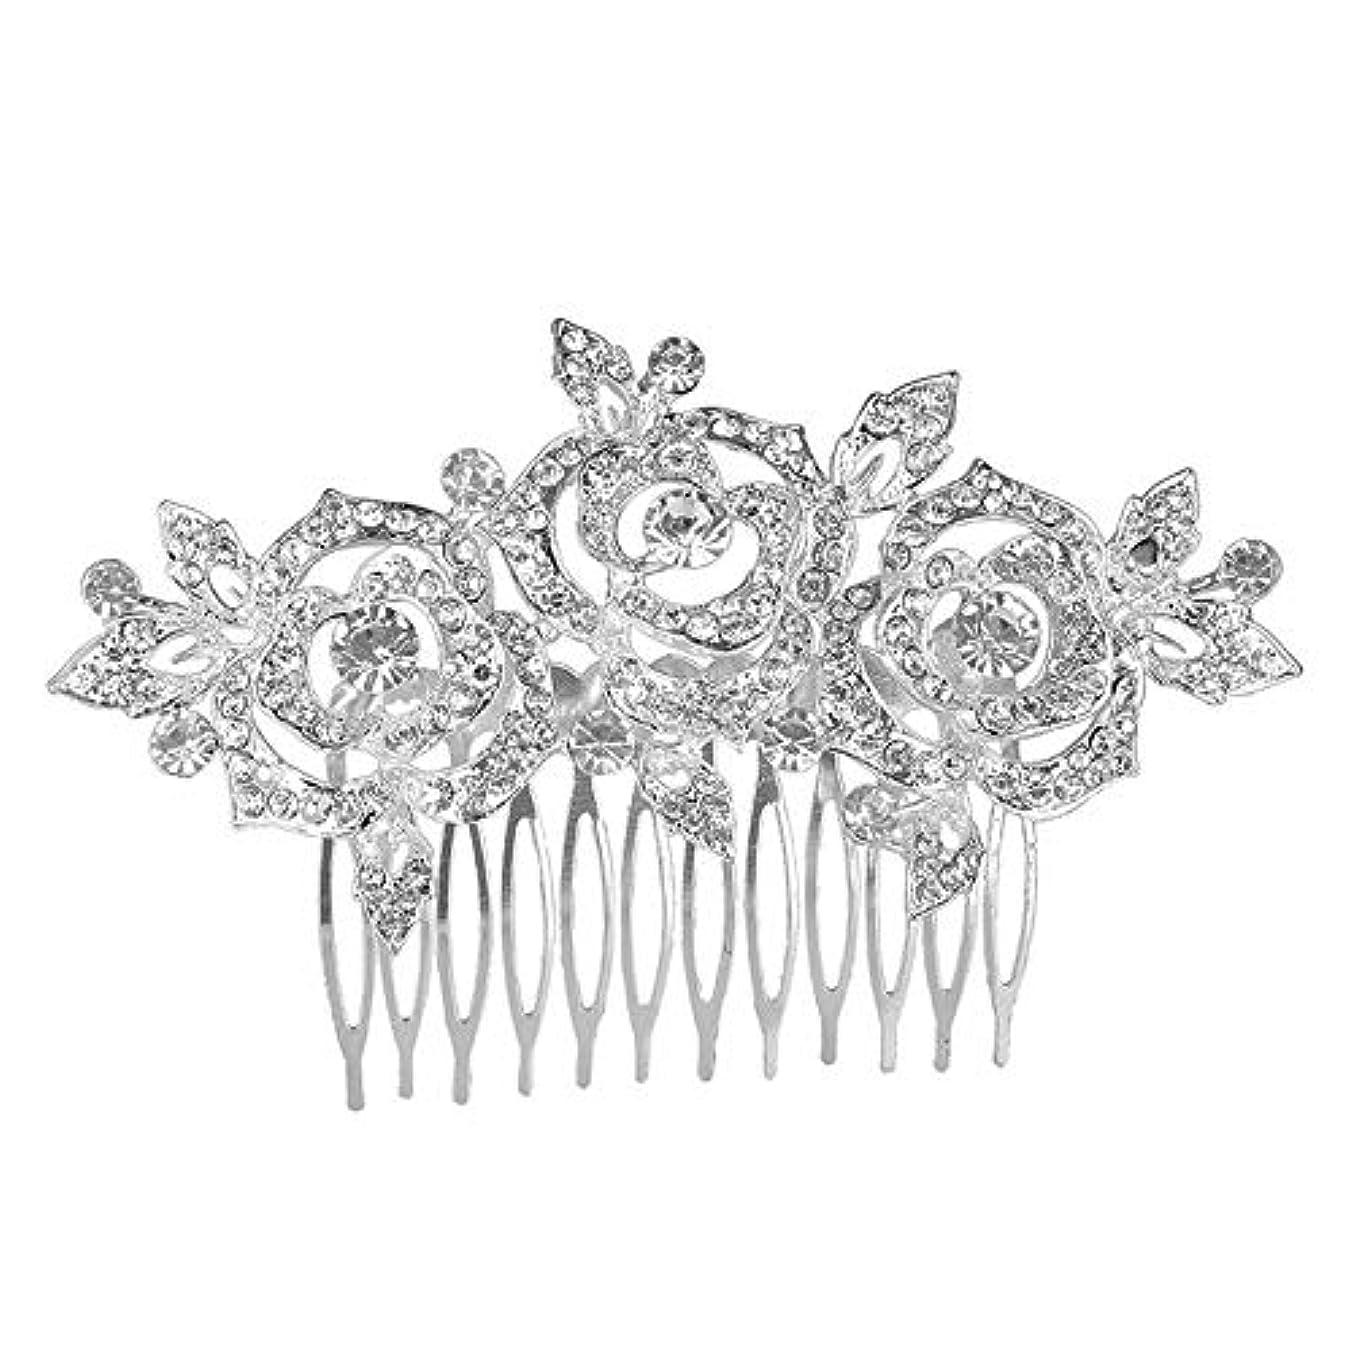 空気裸鼻髪の櫛挿入櫛花嫁の髪櫛クラウン髪の櫛結婚式の付属品櫛の髪の櫛花の櫛の櫛ブライダルヘッドドレス